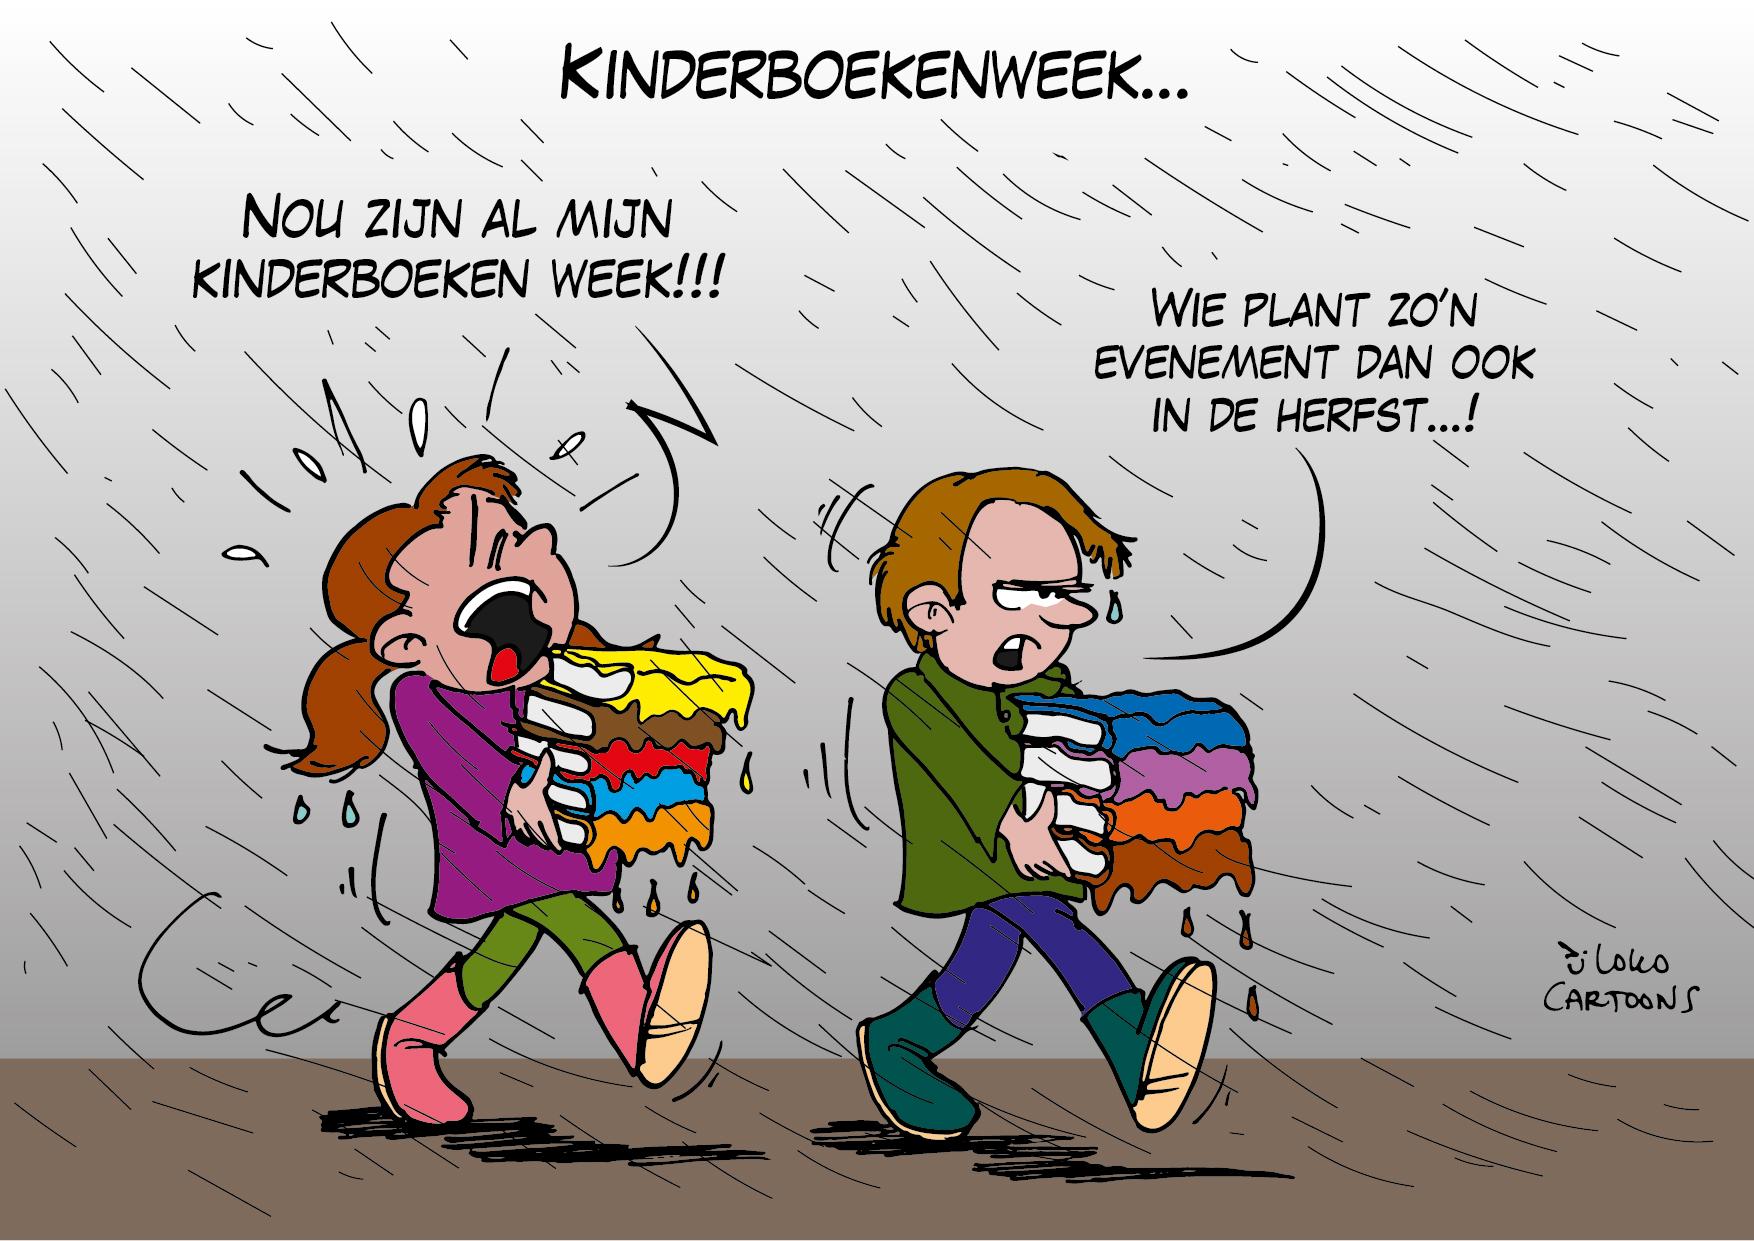 Kinderboekenweek…